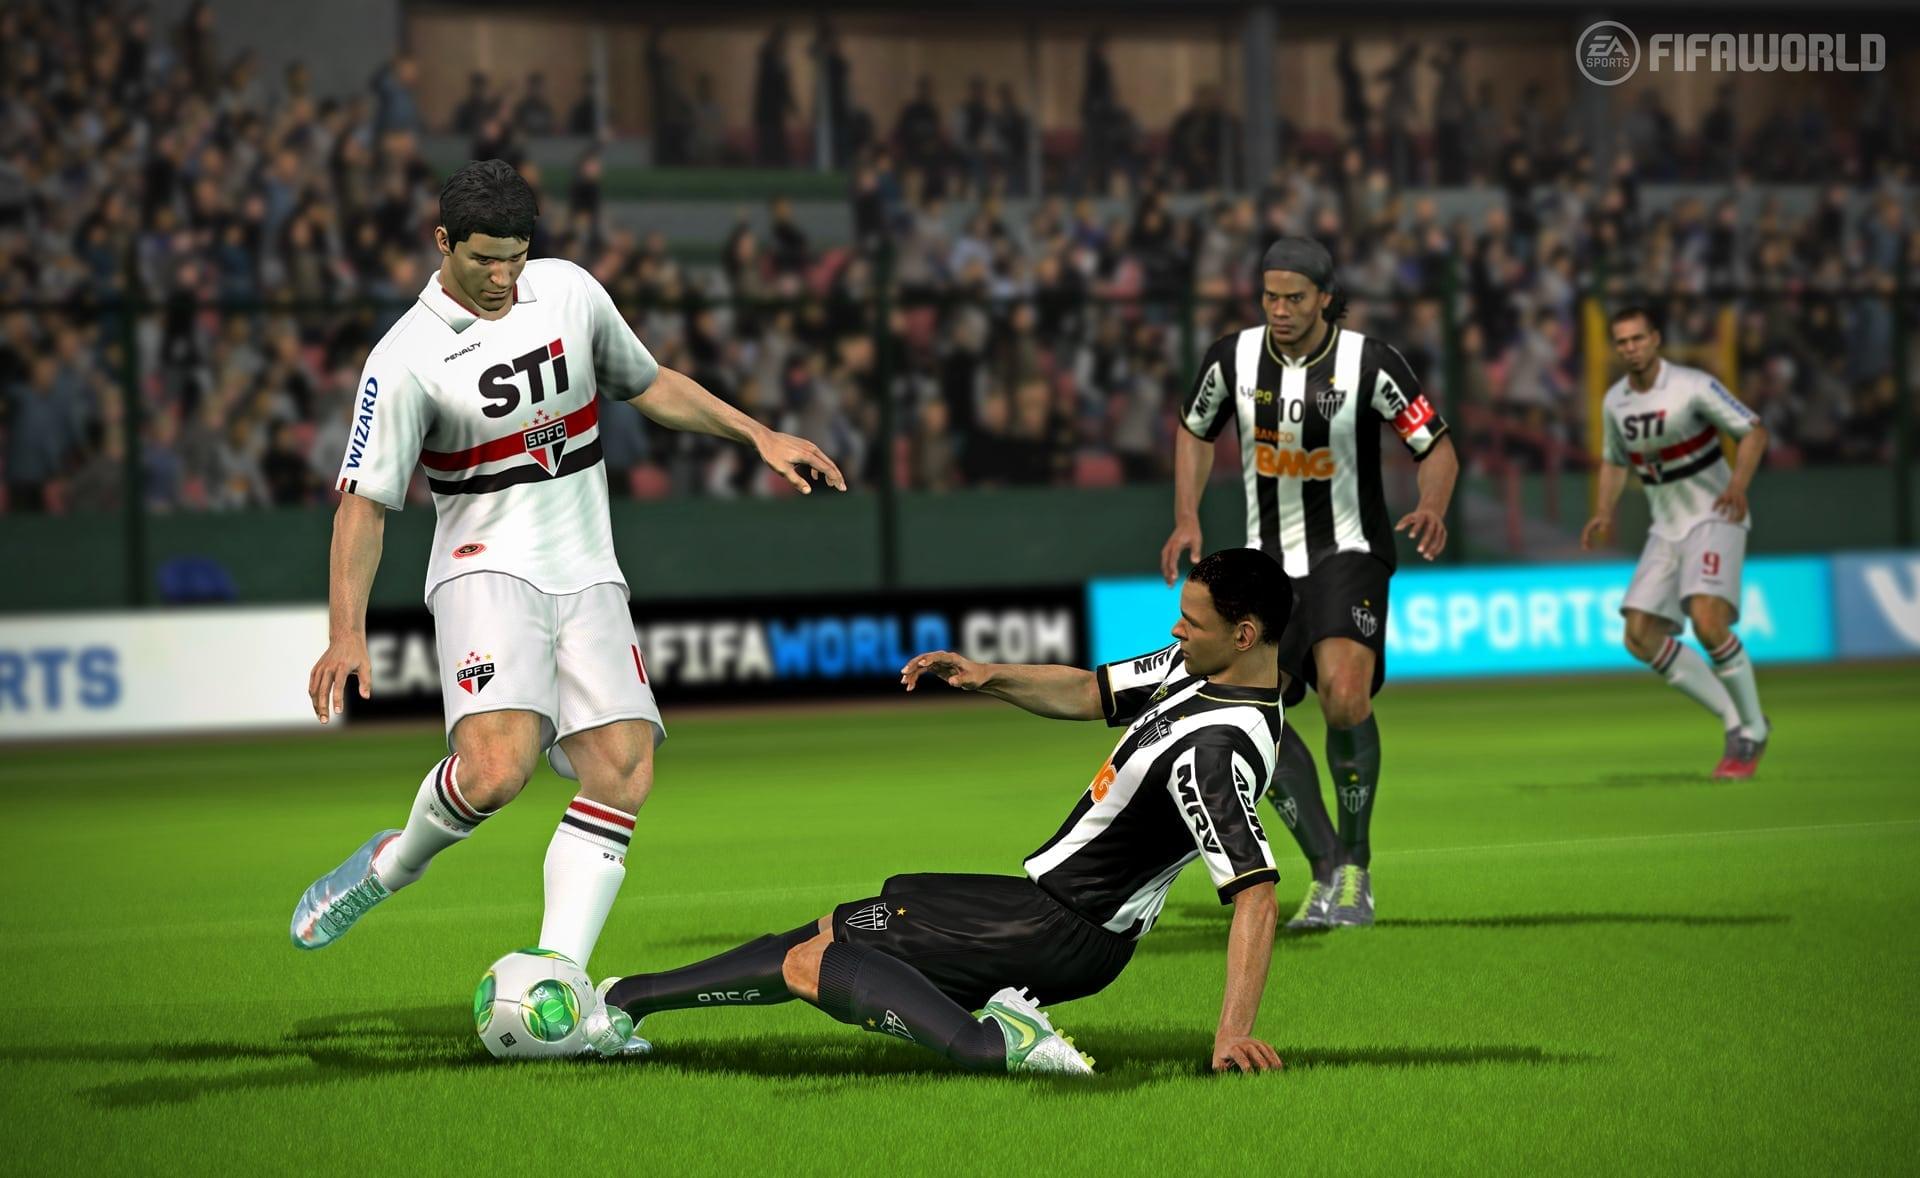 FIFA World screenshot 2